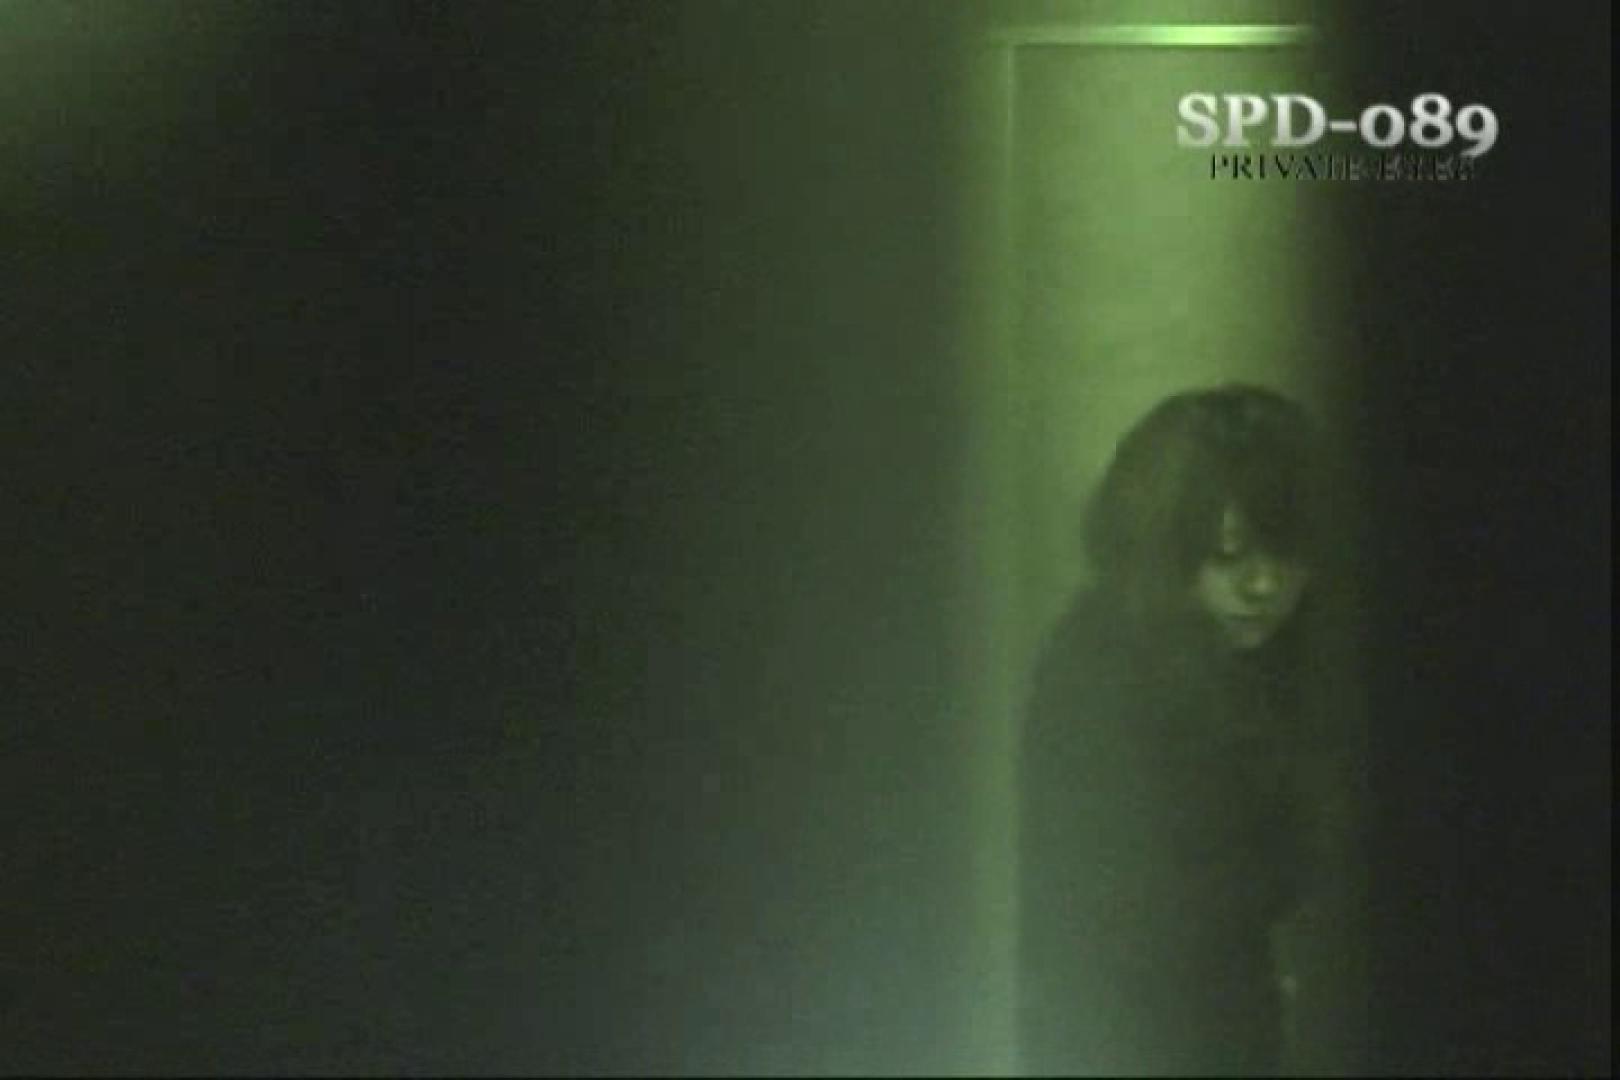 高画質版!SPD-089 厠の隙間 4 厠 | 名作  58pic 35